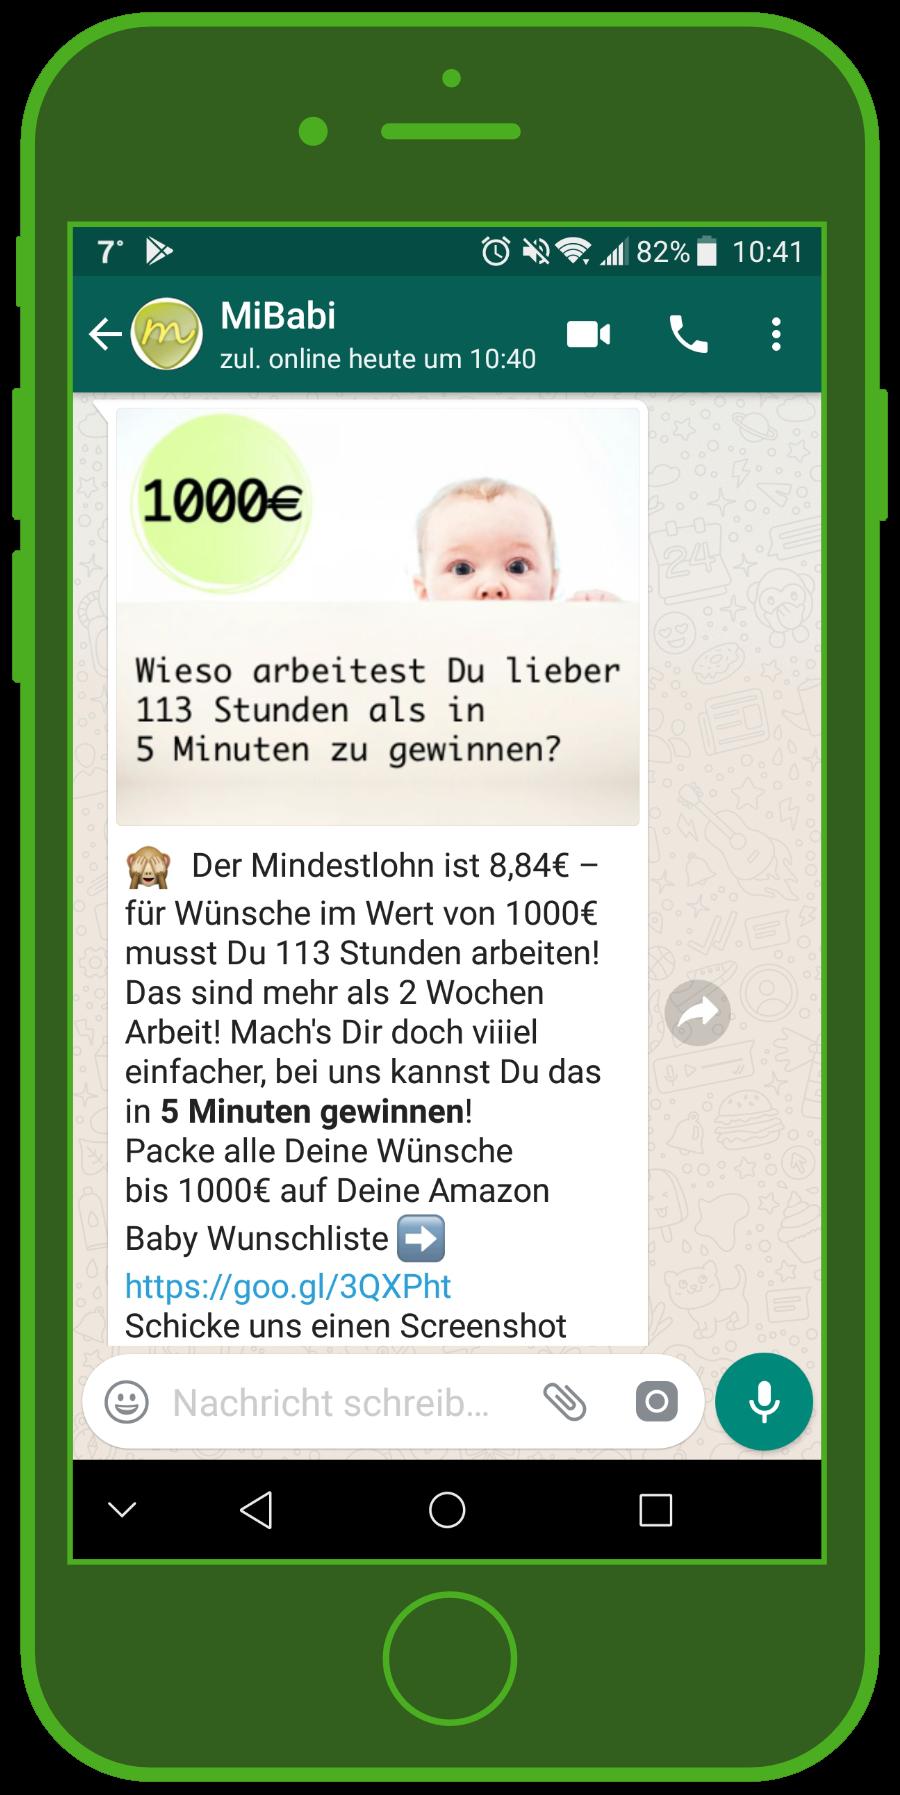 device-mibaby-1-whatsapp-e-commerce-gewinnspiel